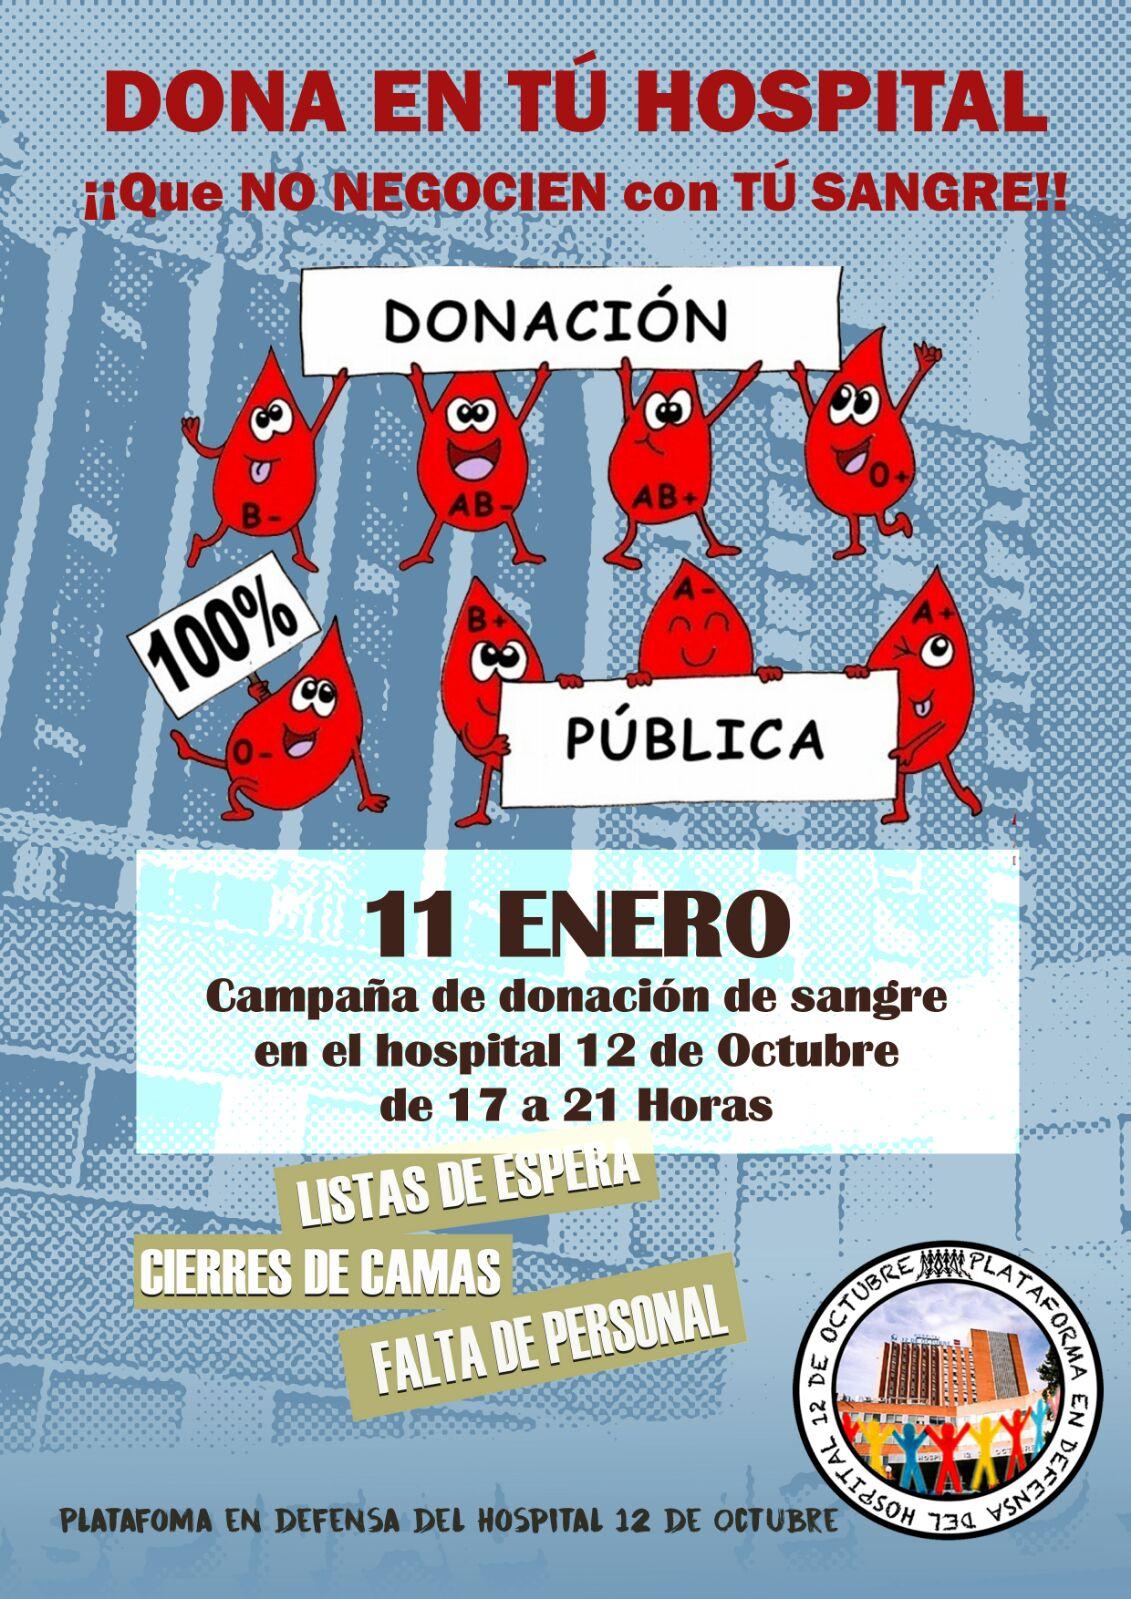 Donación Pública en el Hospital 12 de Octubre